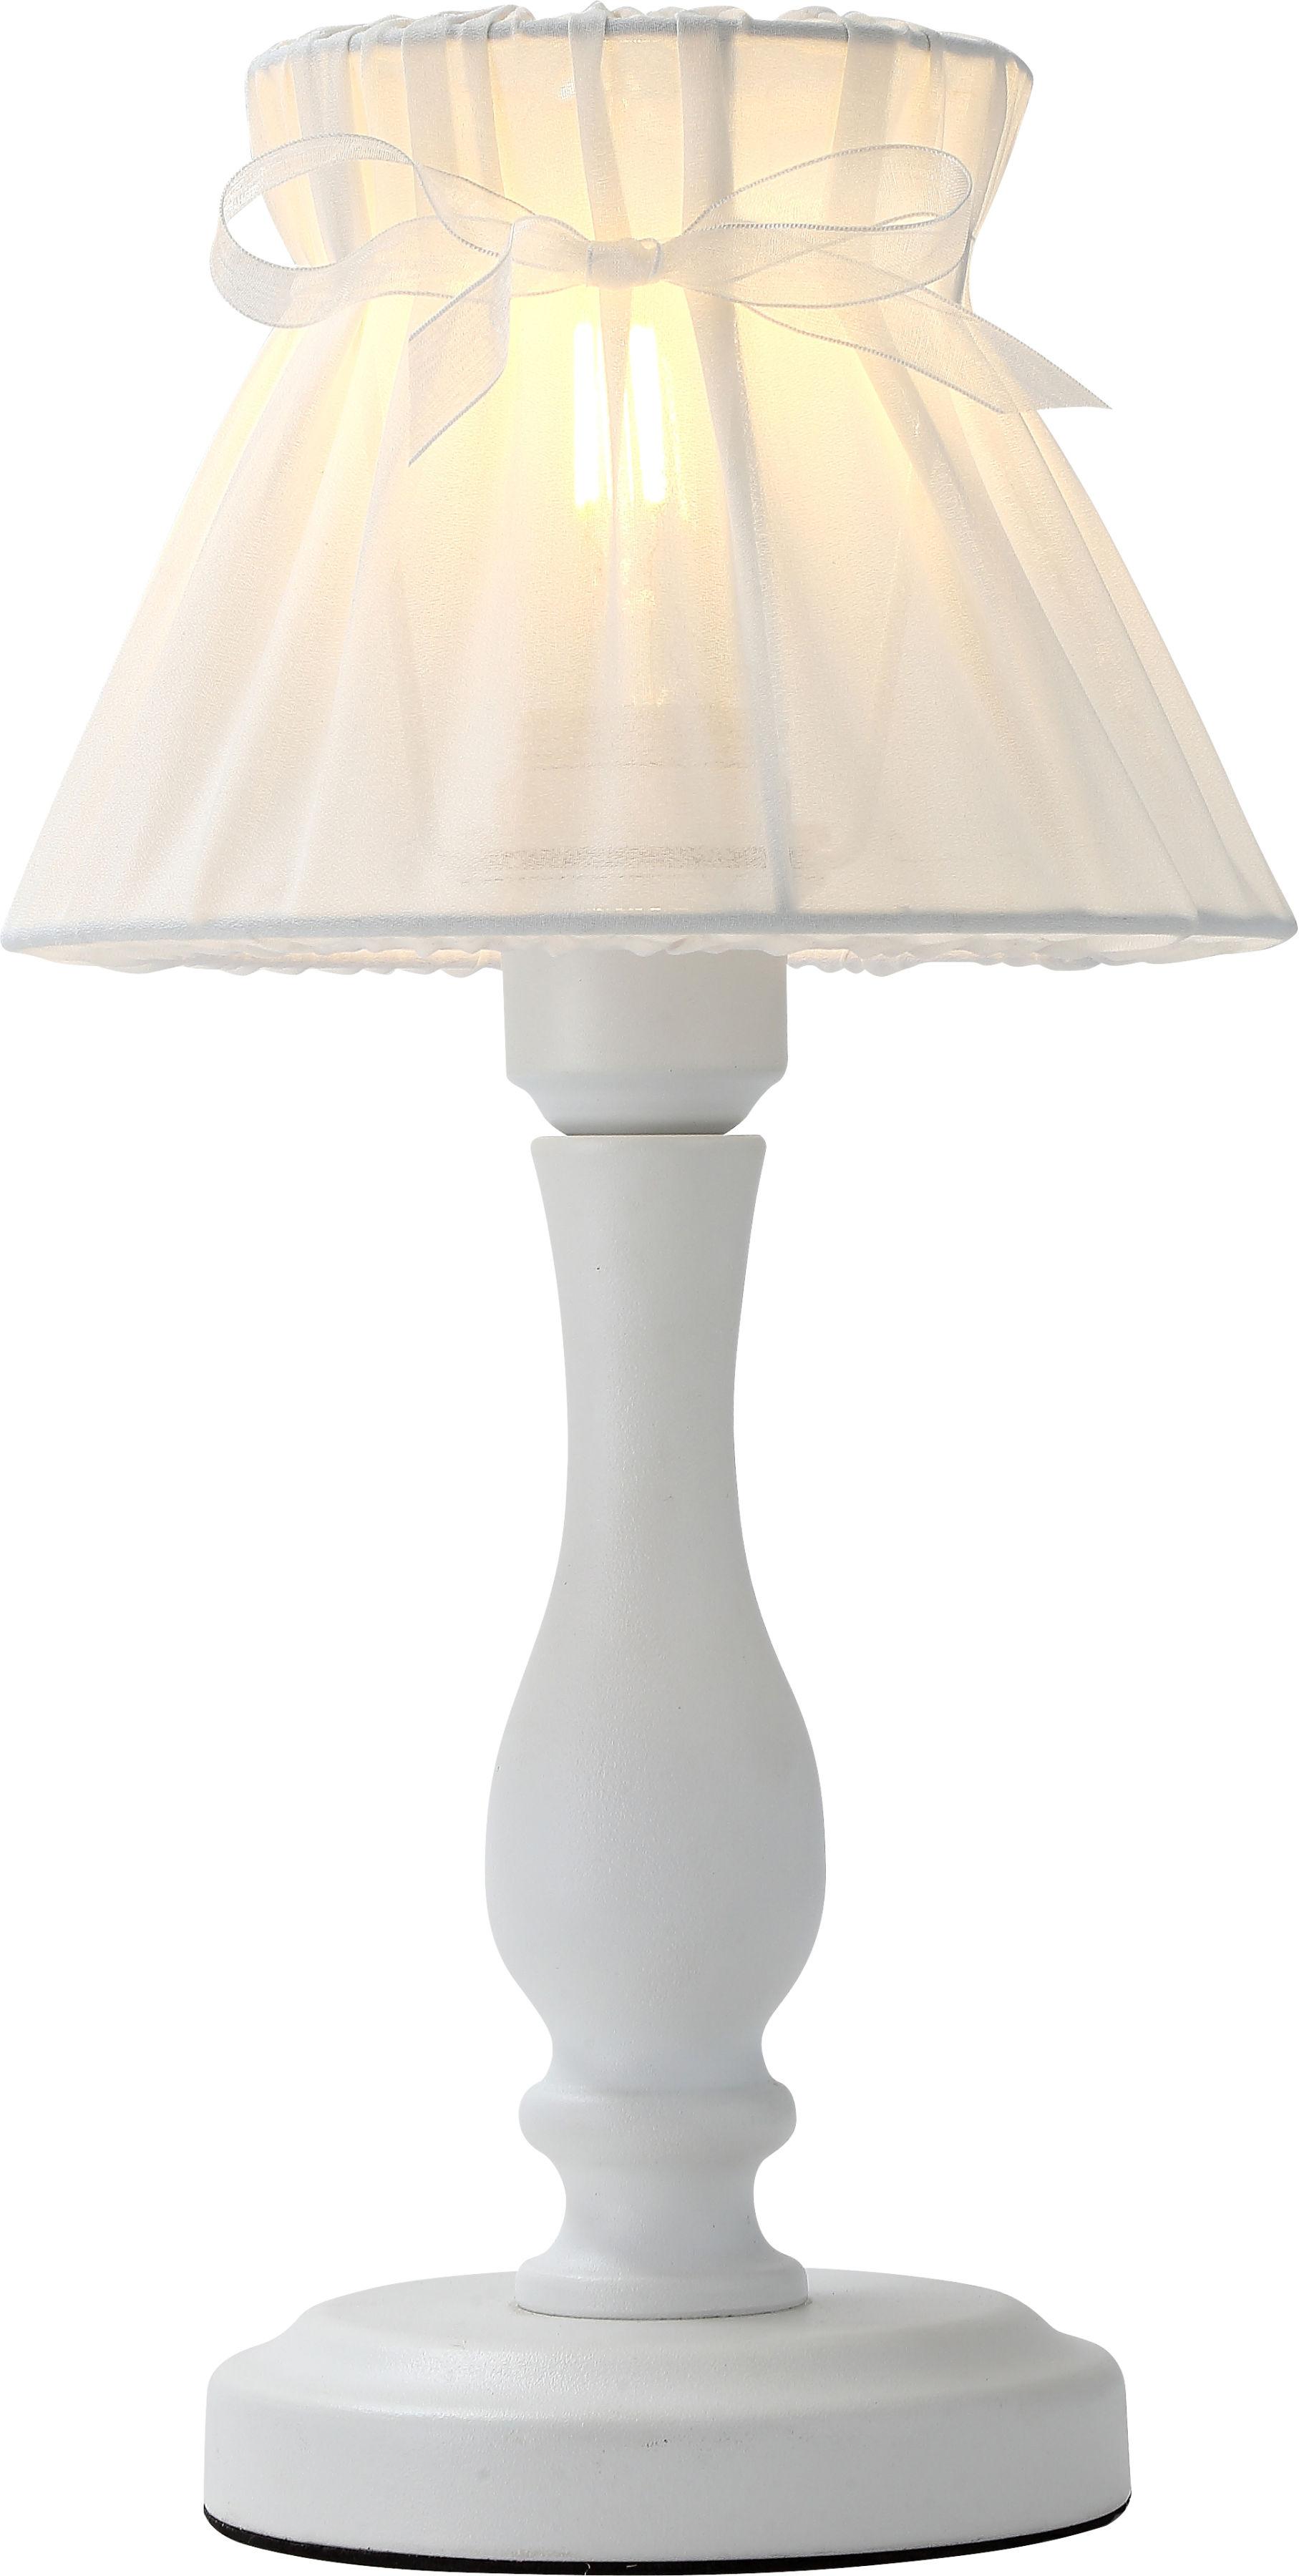 Candellux ZEFIR 41-73815 lampa stołowa abażur z organzy biały 1X40W E27 20 cm